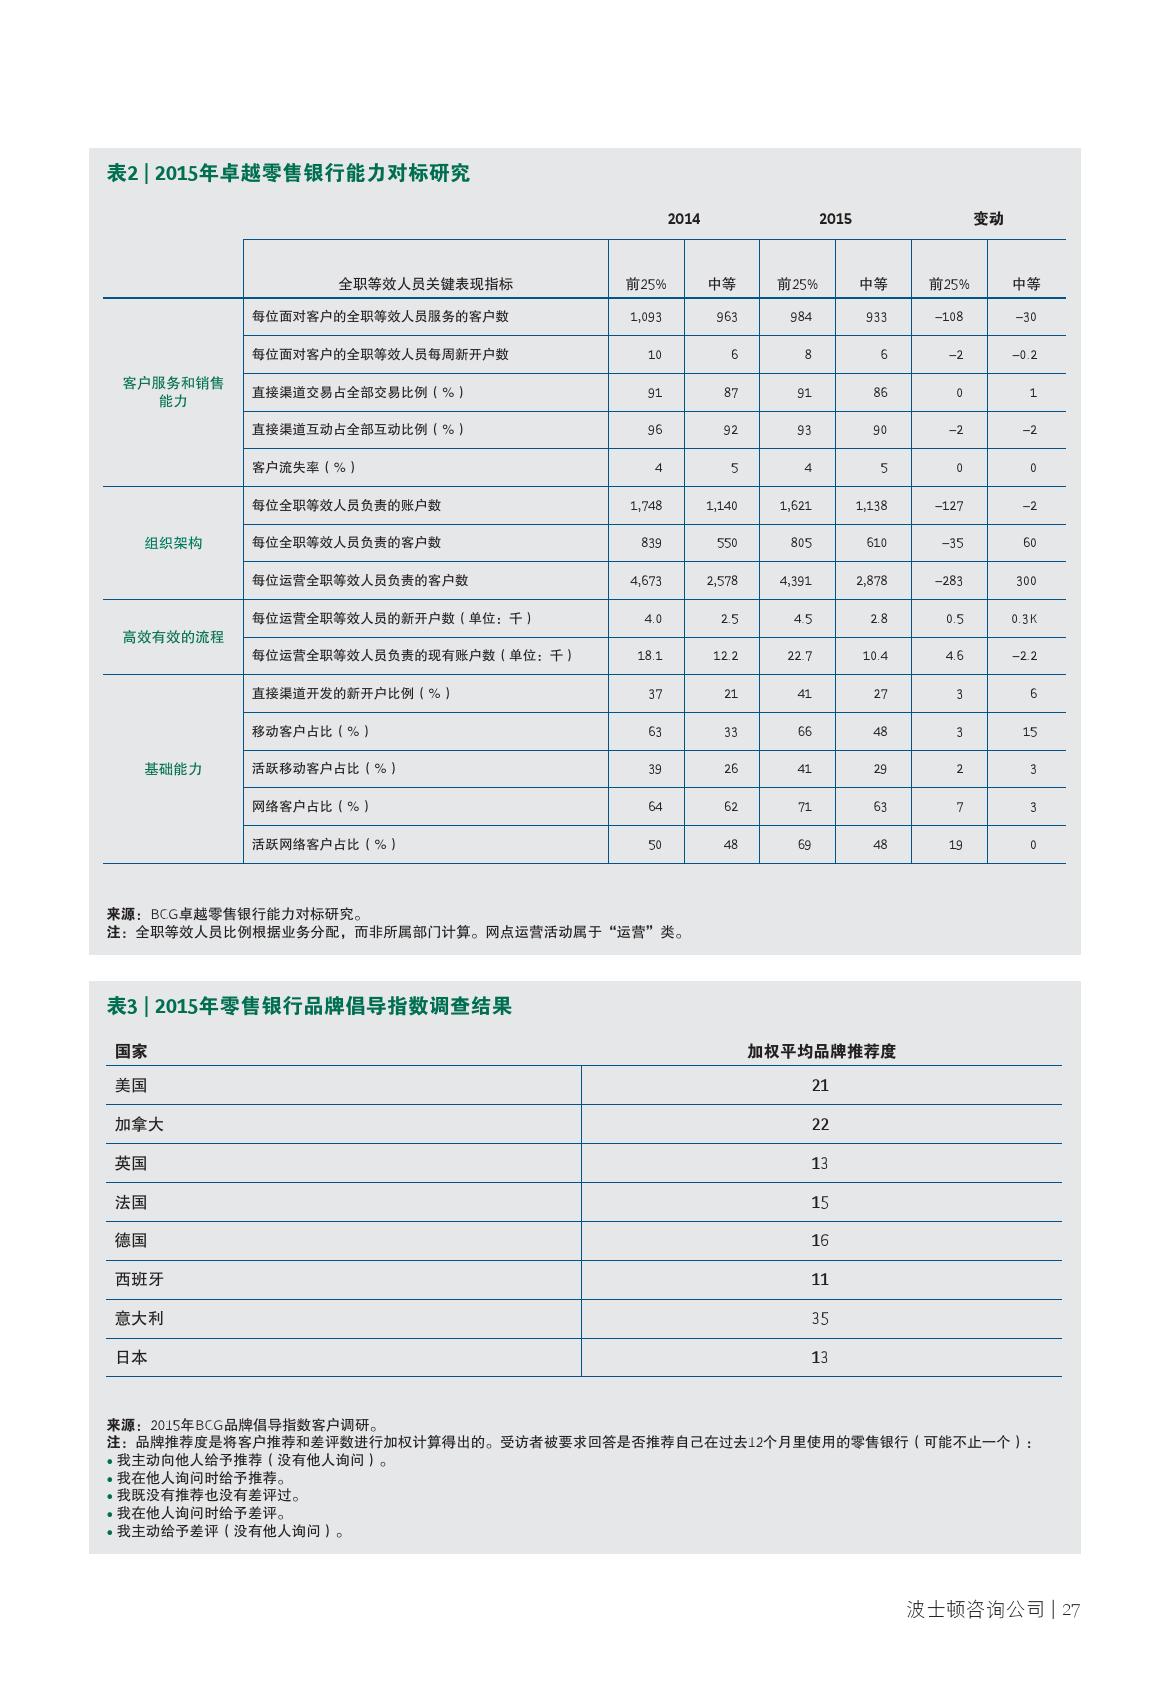 2016年全球零售银行业报告_000029